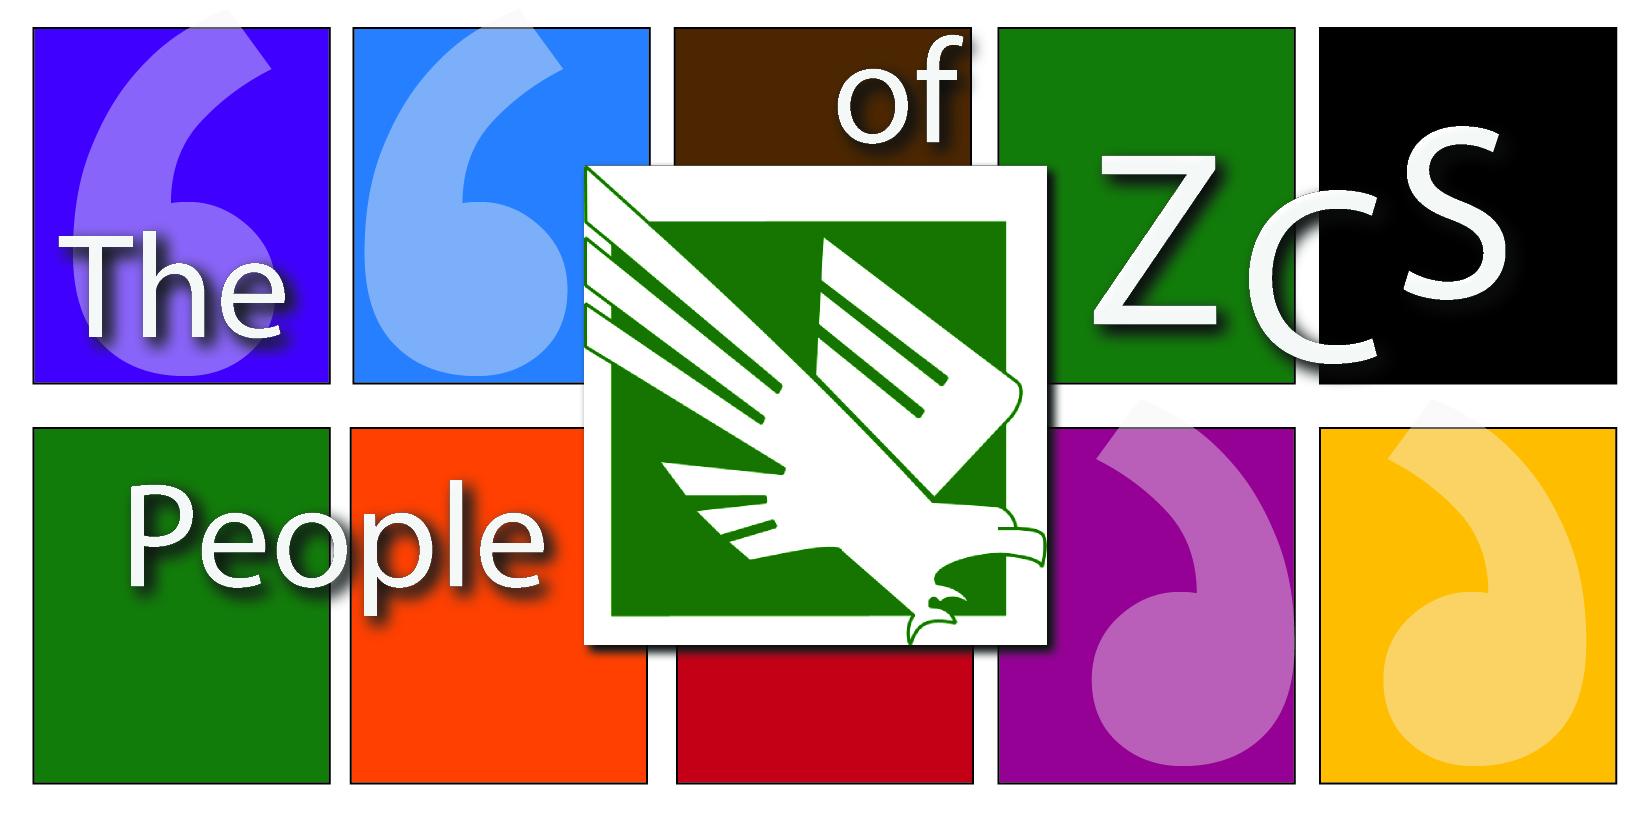 people of Z banner-01.jpg